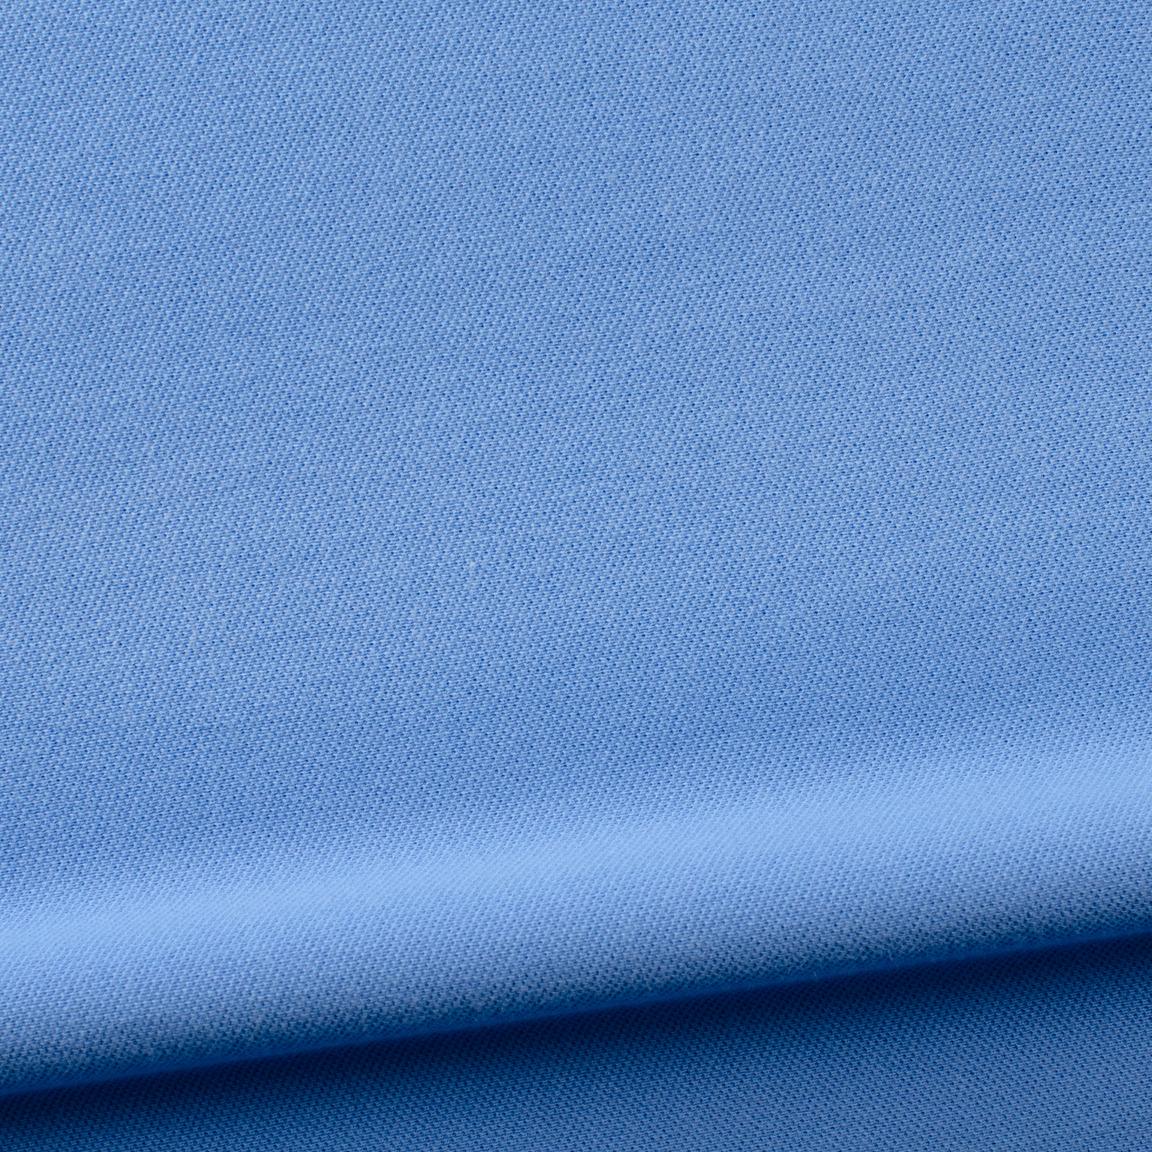 Marina Blue